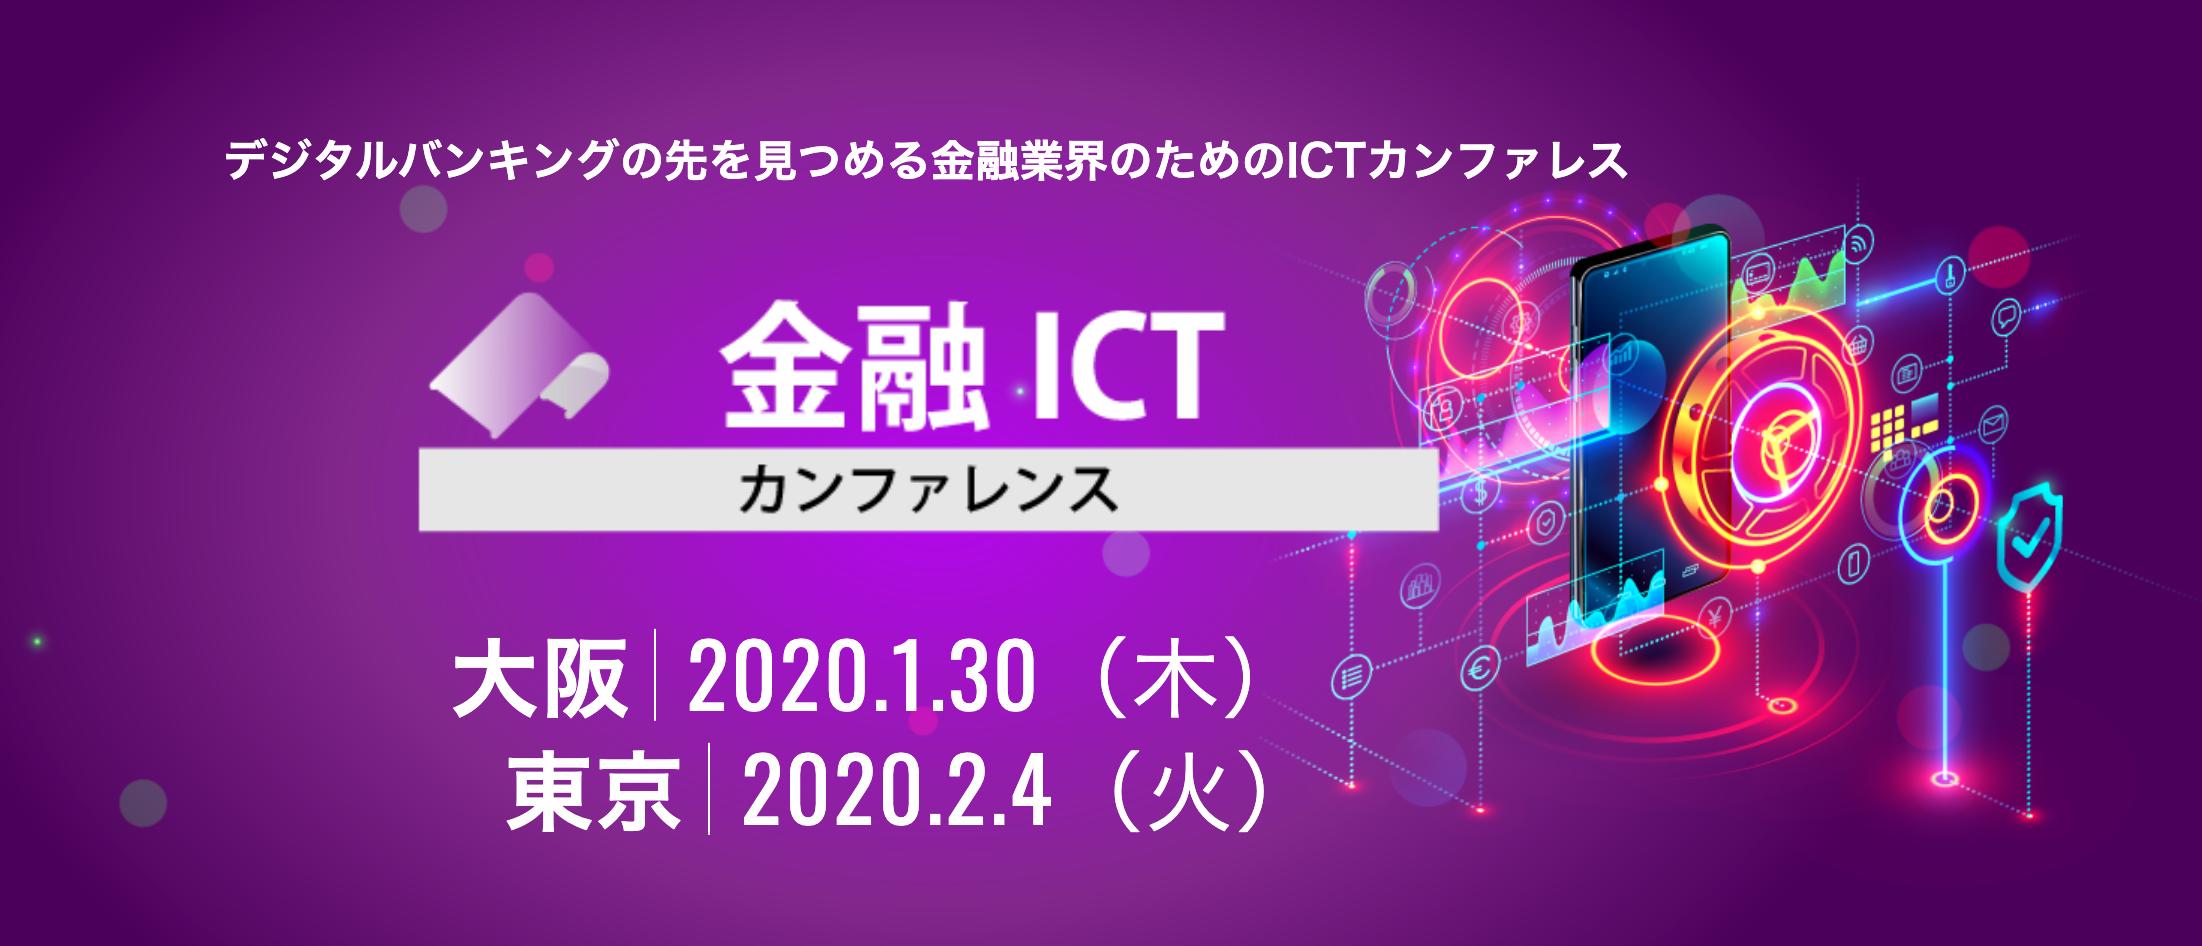 金融ICTカンファレンストップ